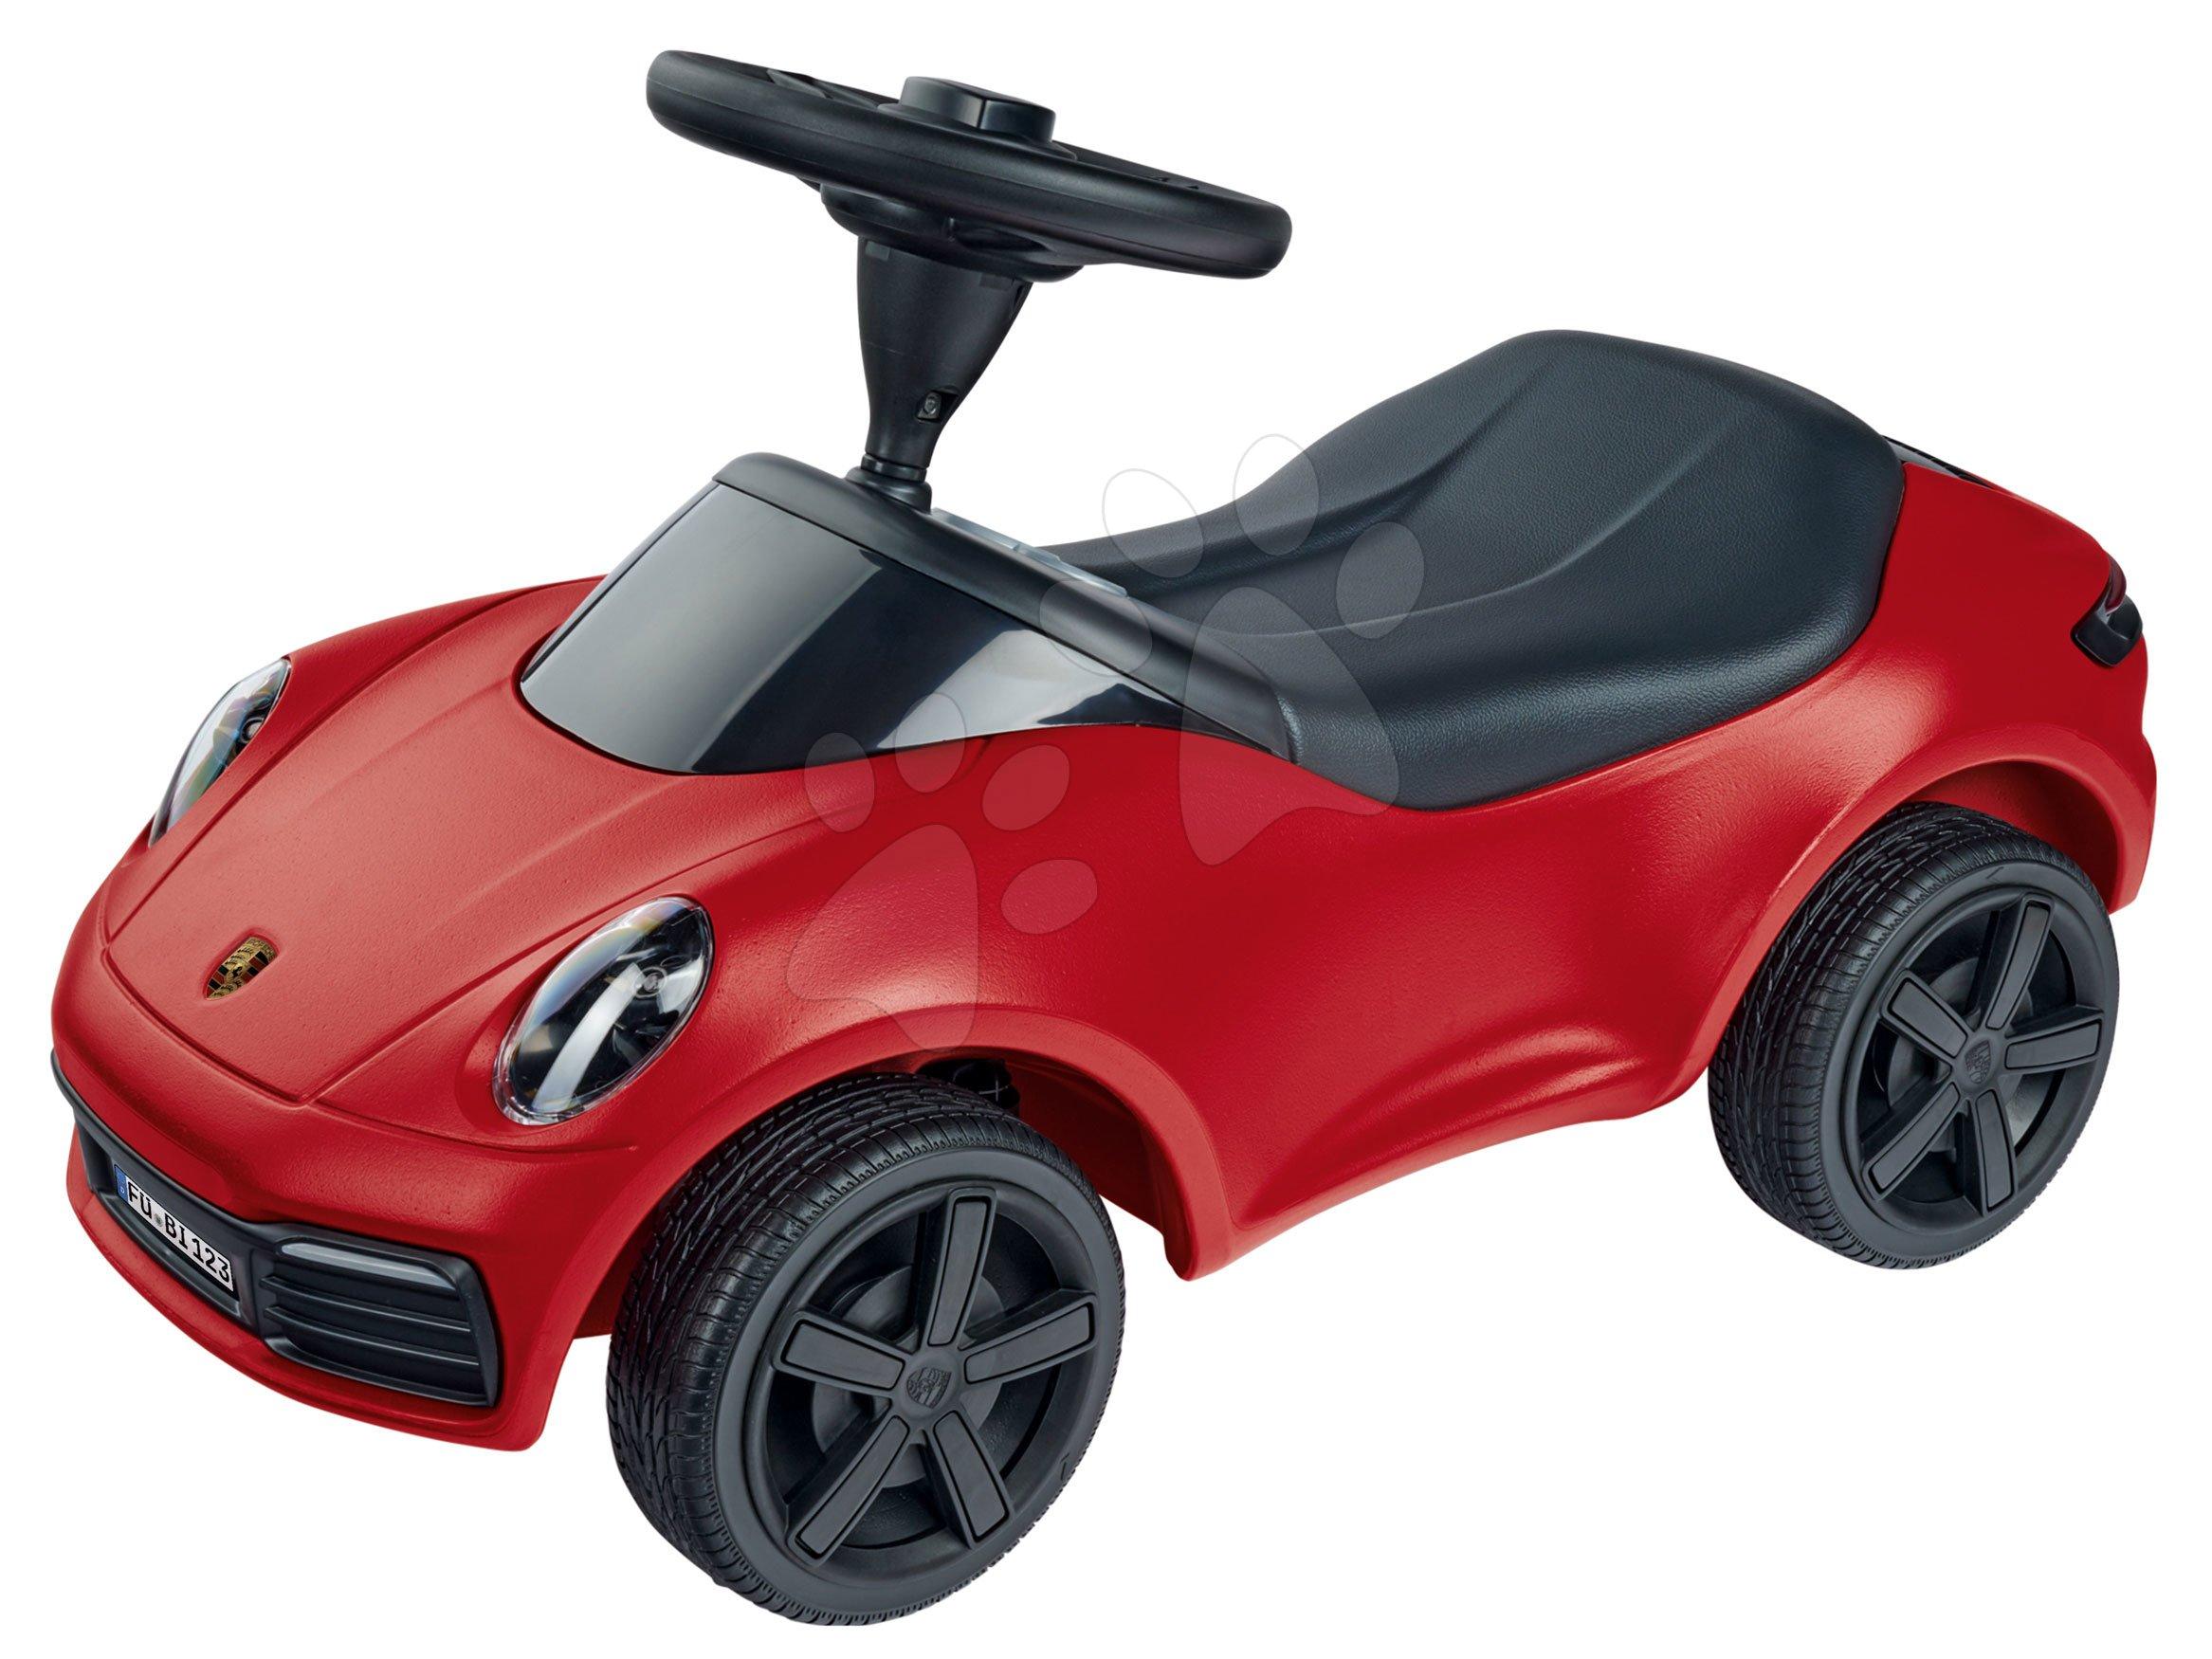 Poganjalci od 18. meseca - Poganjalec avto Baby Porsche 911 BIG z zvokom in pristnimi detajli z delavnice Porsche rdeč od 18 mes